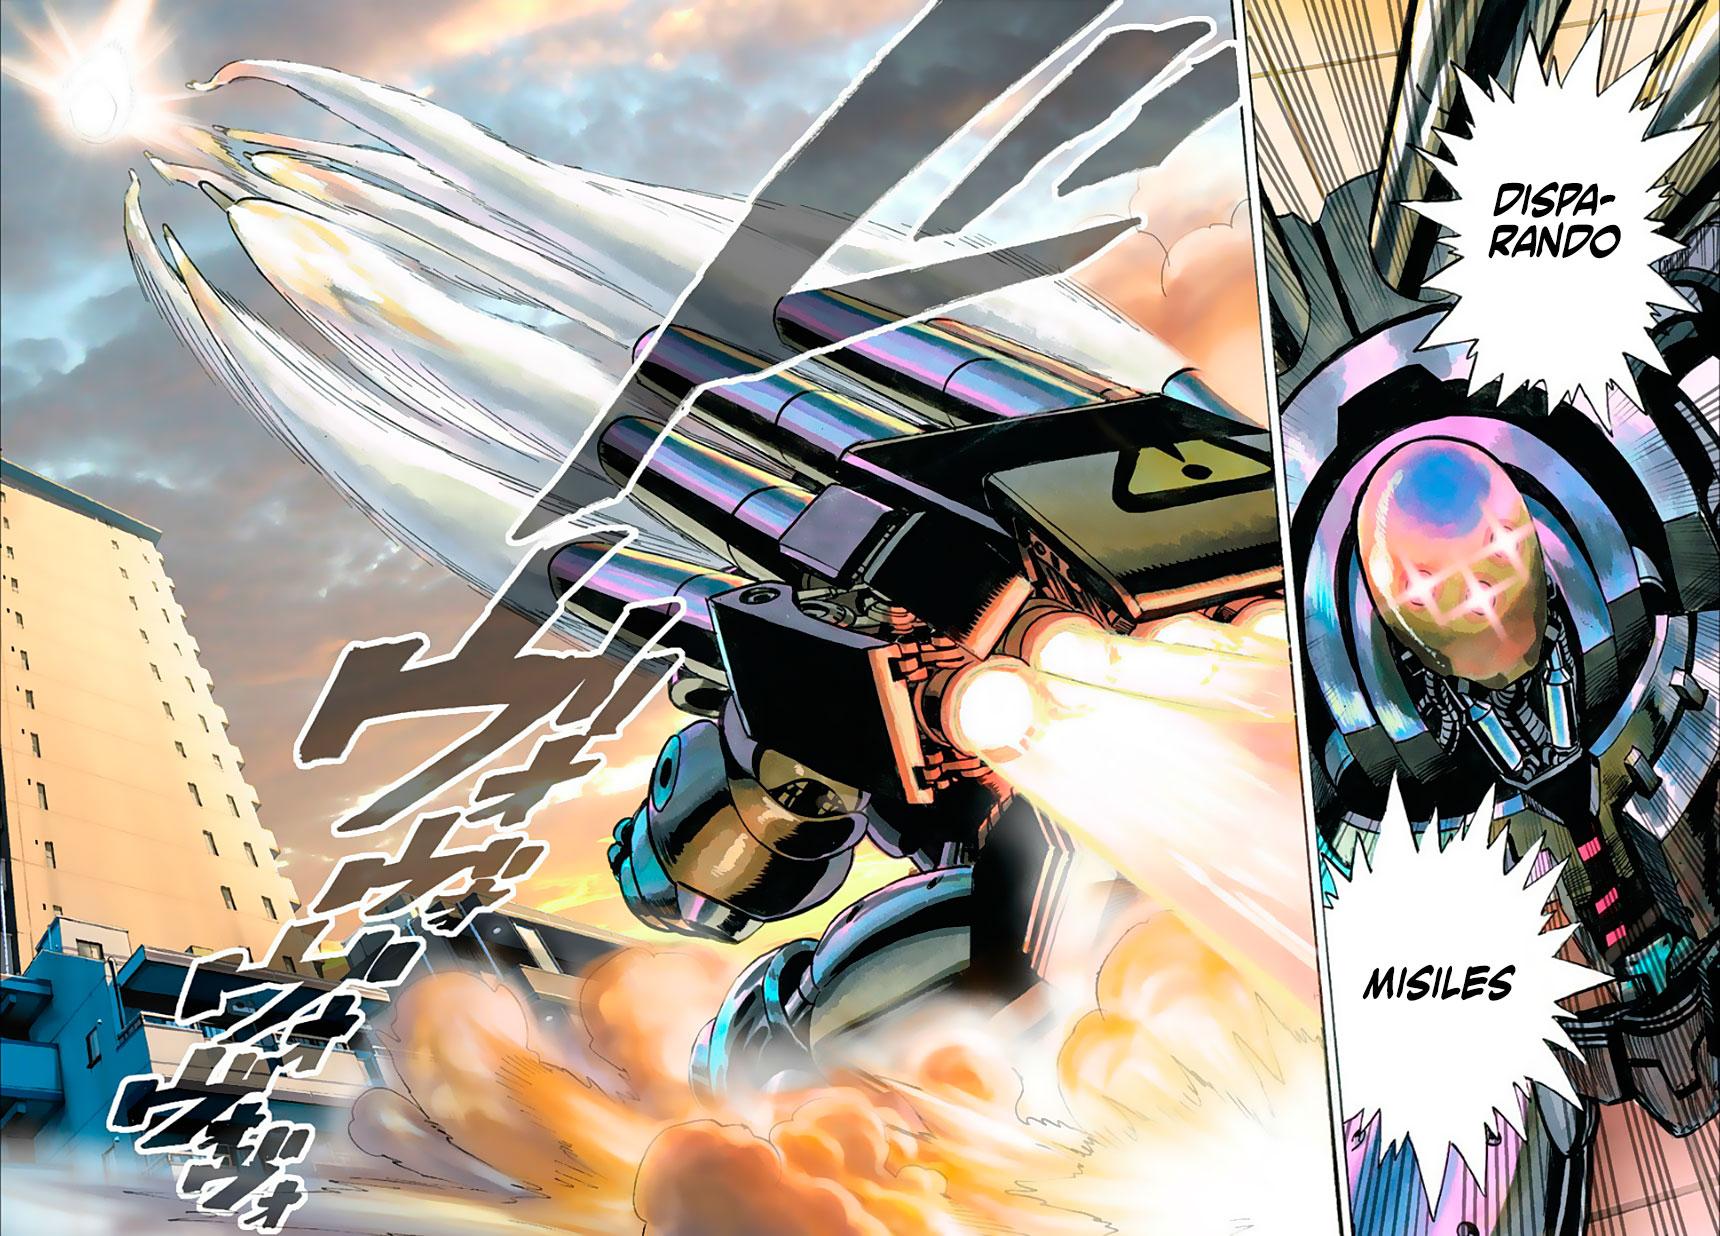 http://c5.ninemanga.com/es_manga/21/14805/362295/b05bf587ec7ce83518b72eb0d011a353.jpg Page 9